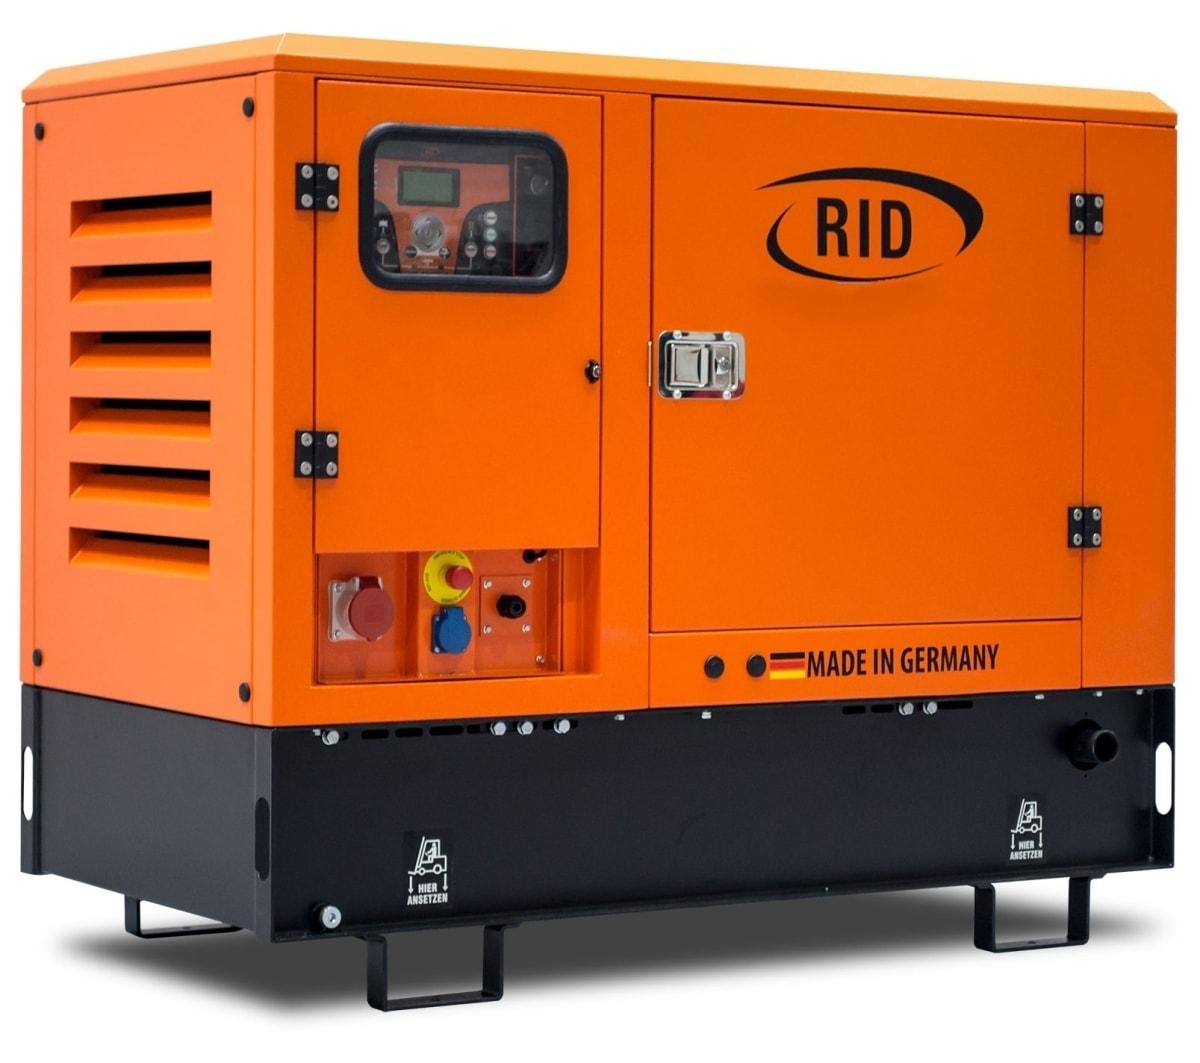 дизельная электростанция rid 15 s-series s